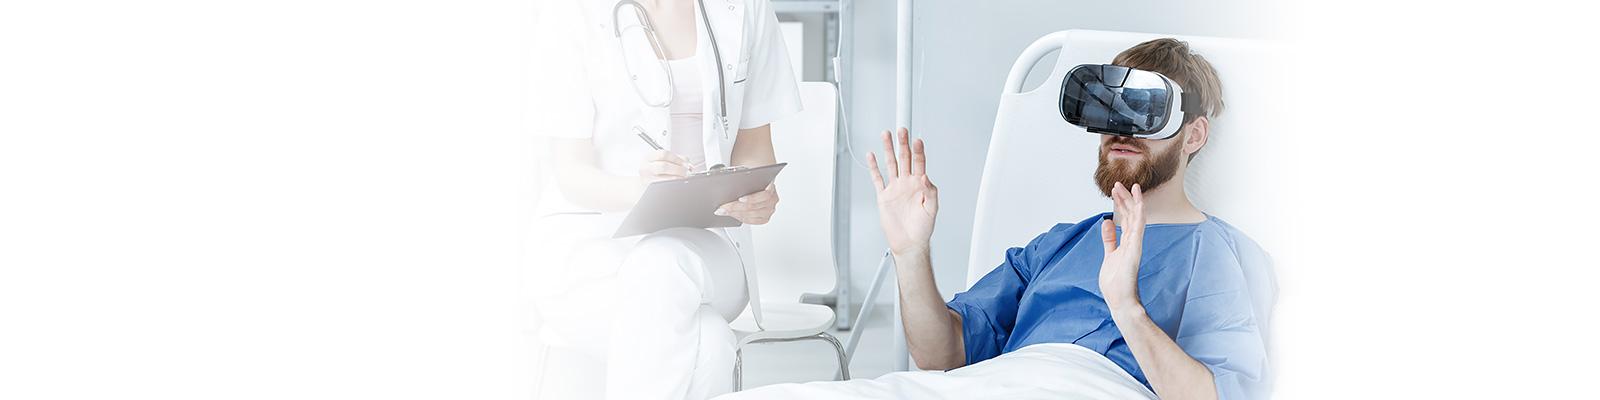 ヘルステック 患者 VR イメージ